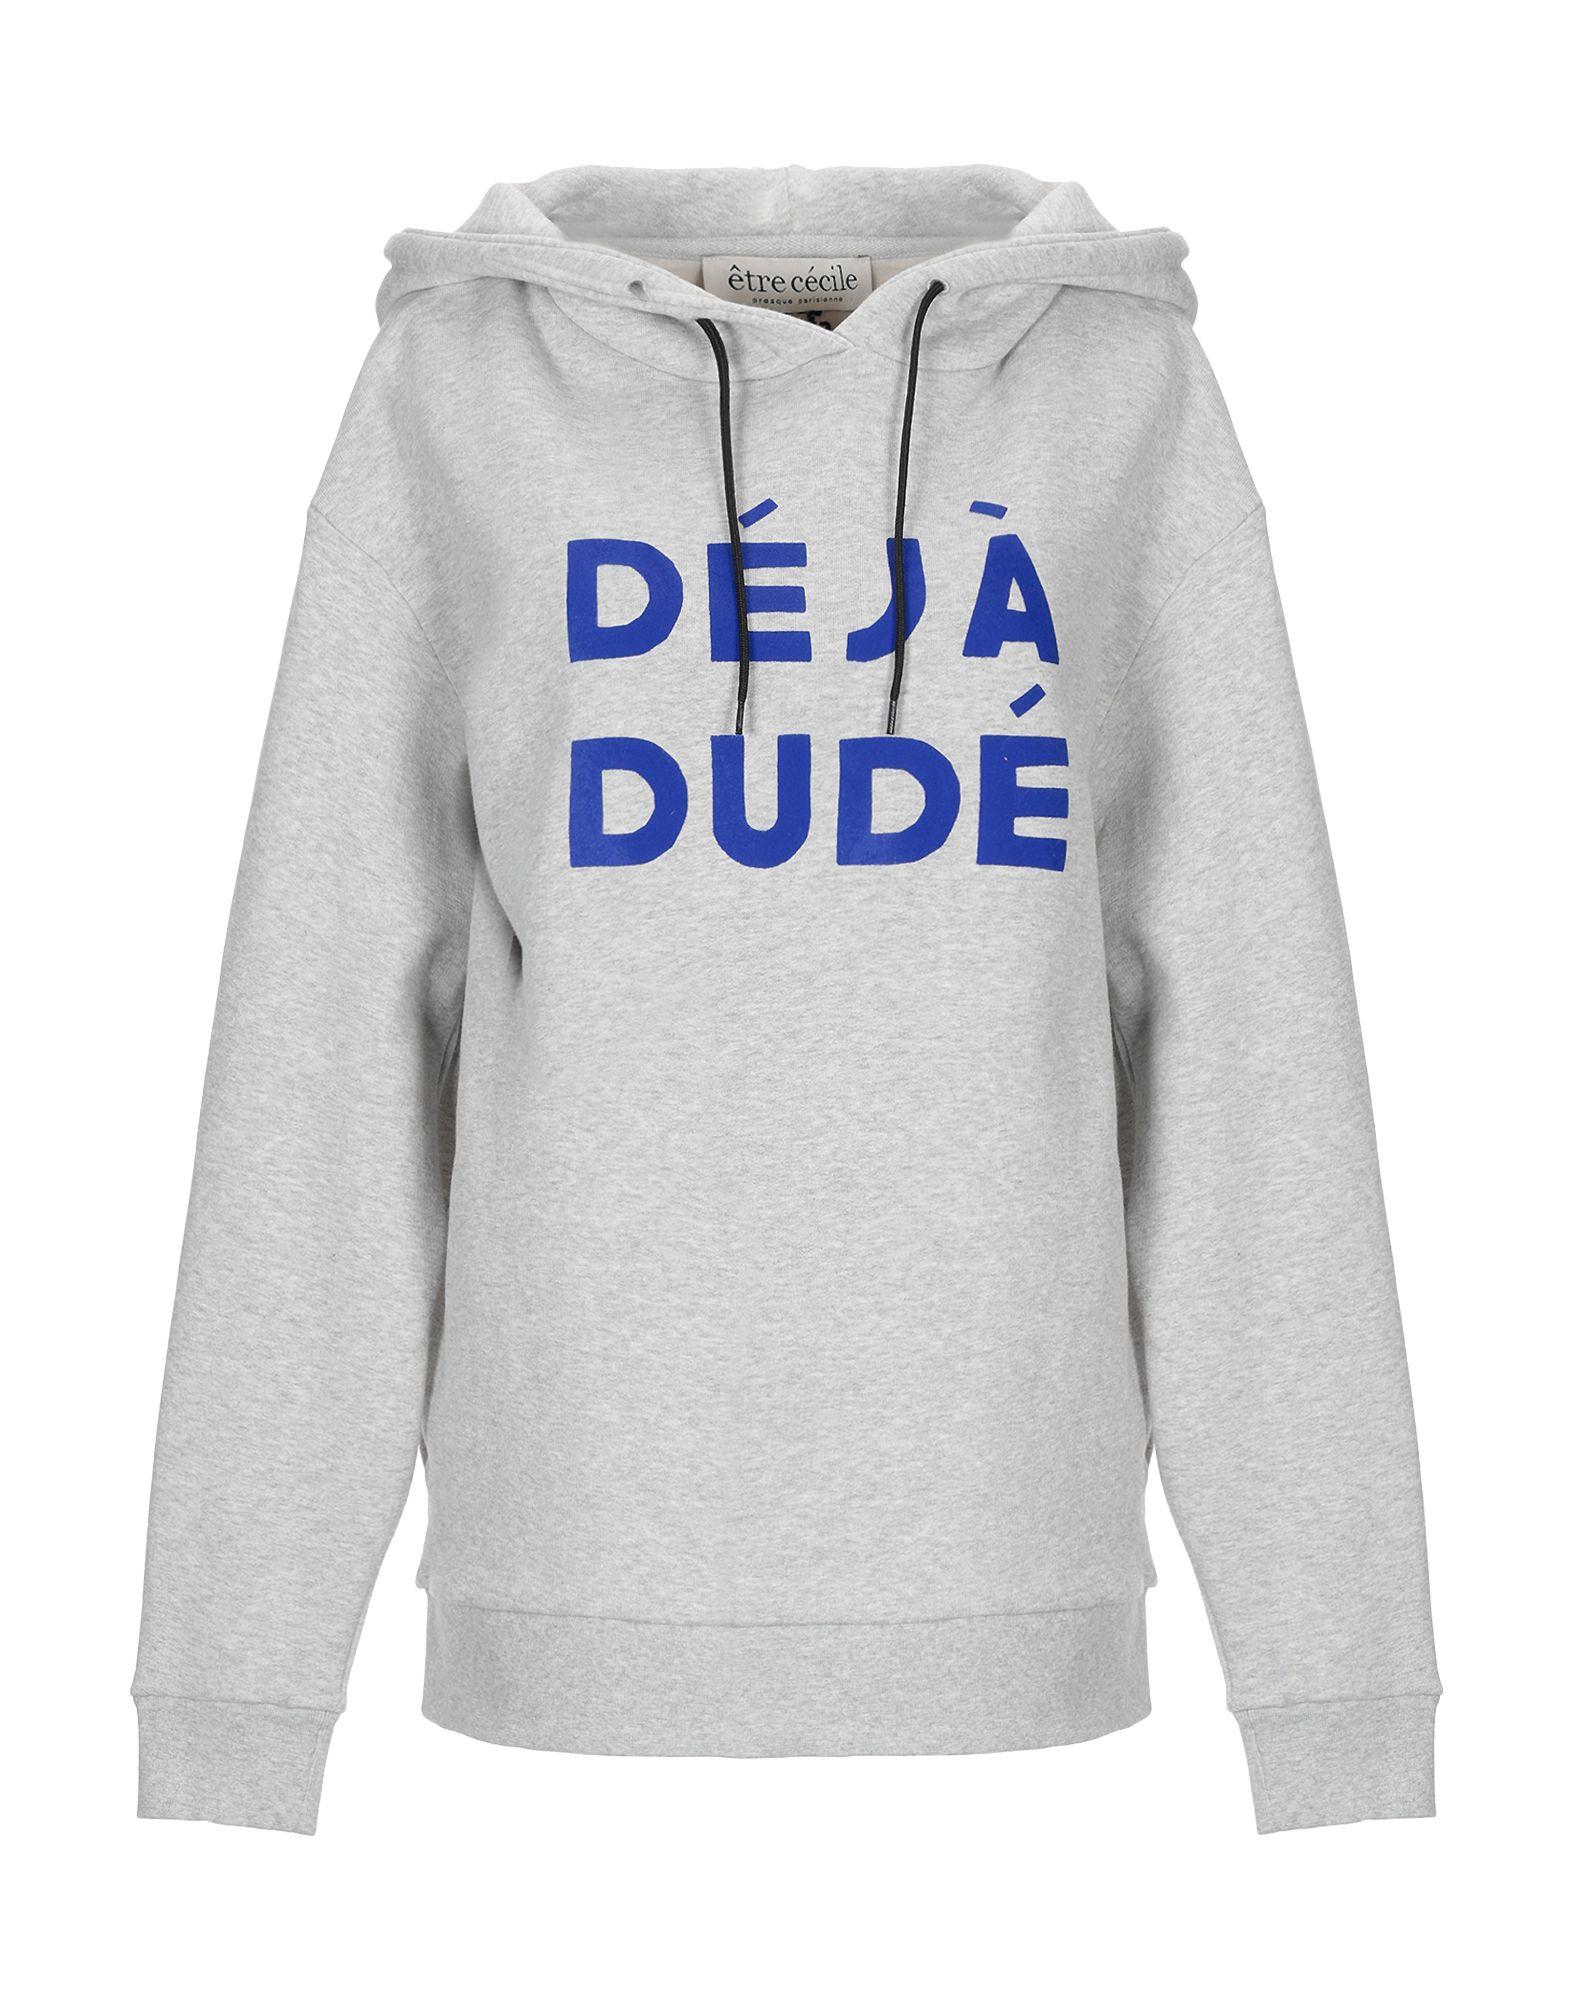 《送料無料》?TRE C?CILE レディース スウェットシャツ ライトグレー L コットン 100% DEJA DUDE BOYFRIEND SWEATSHIRT